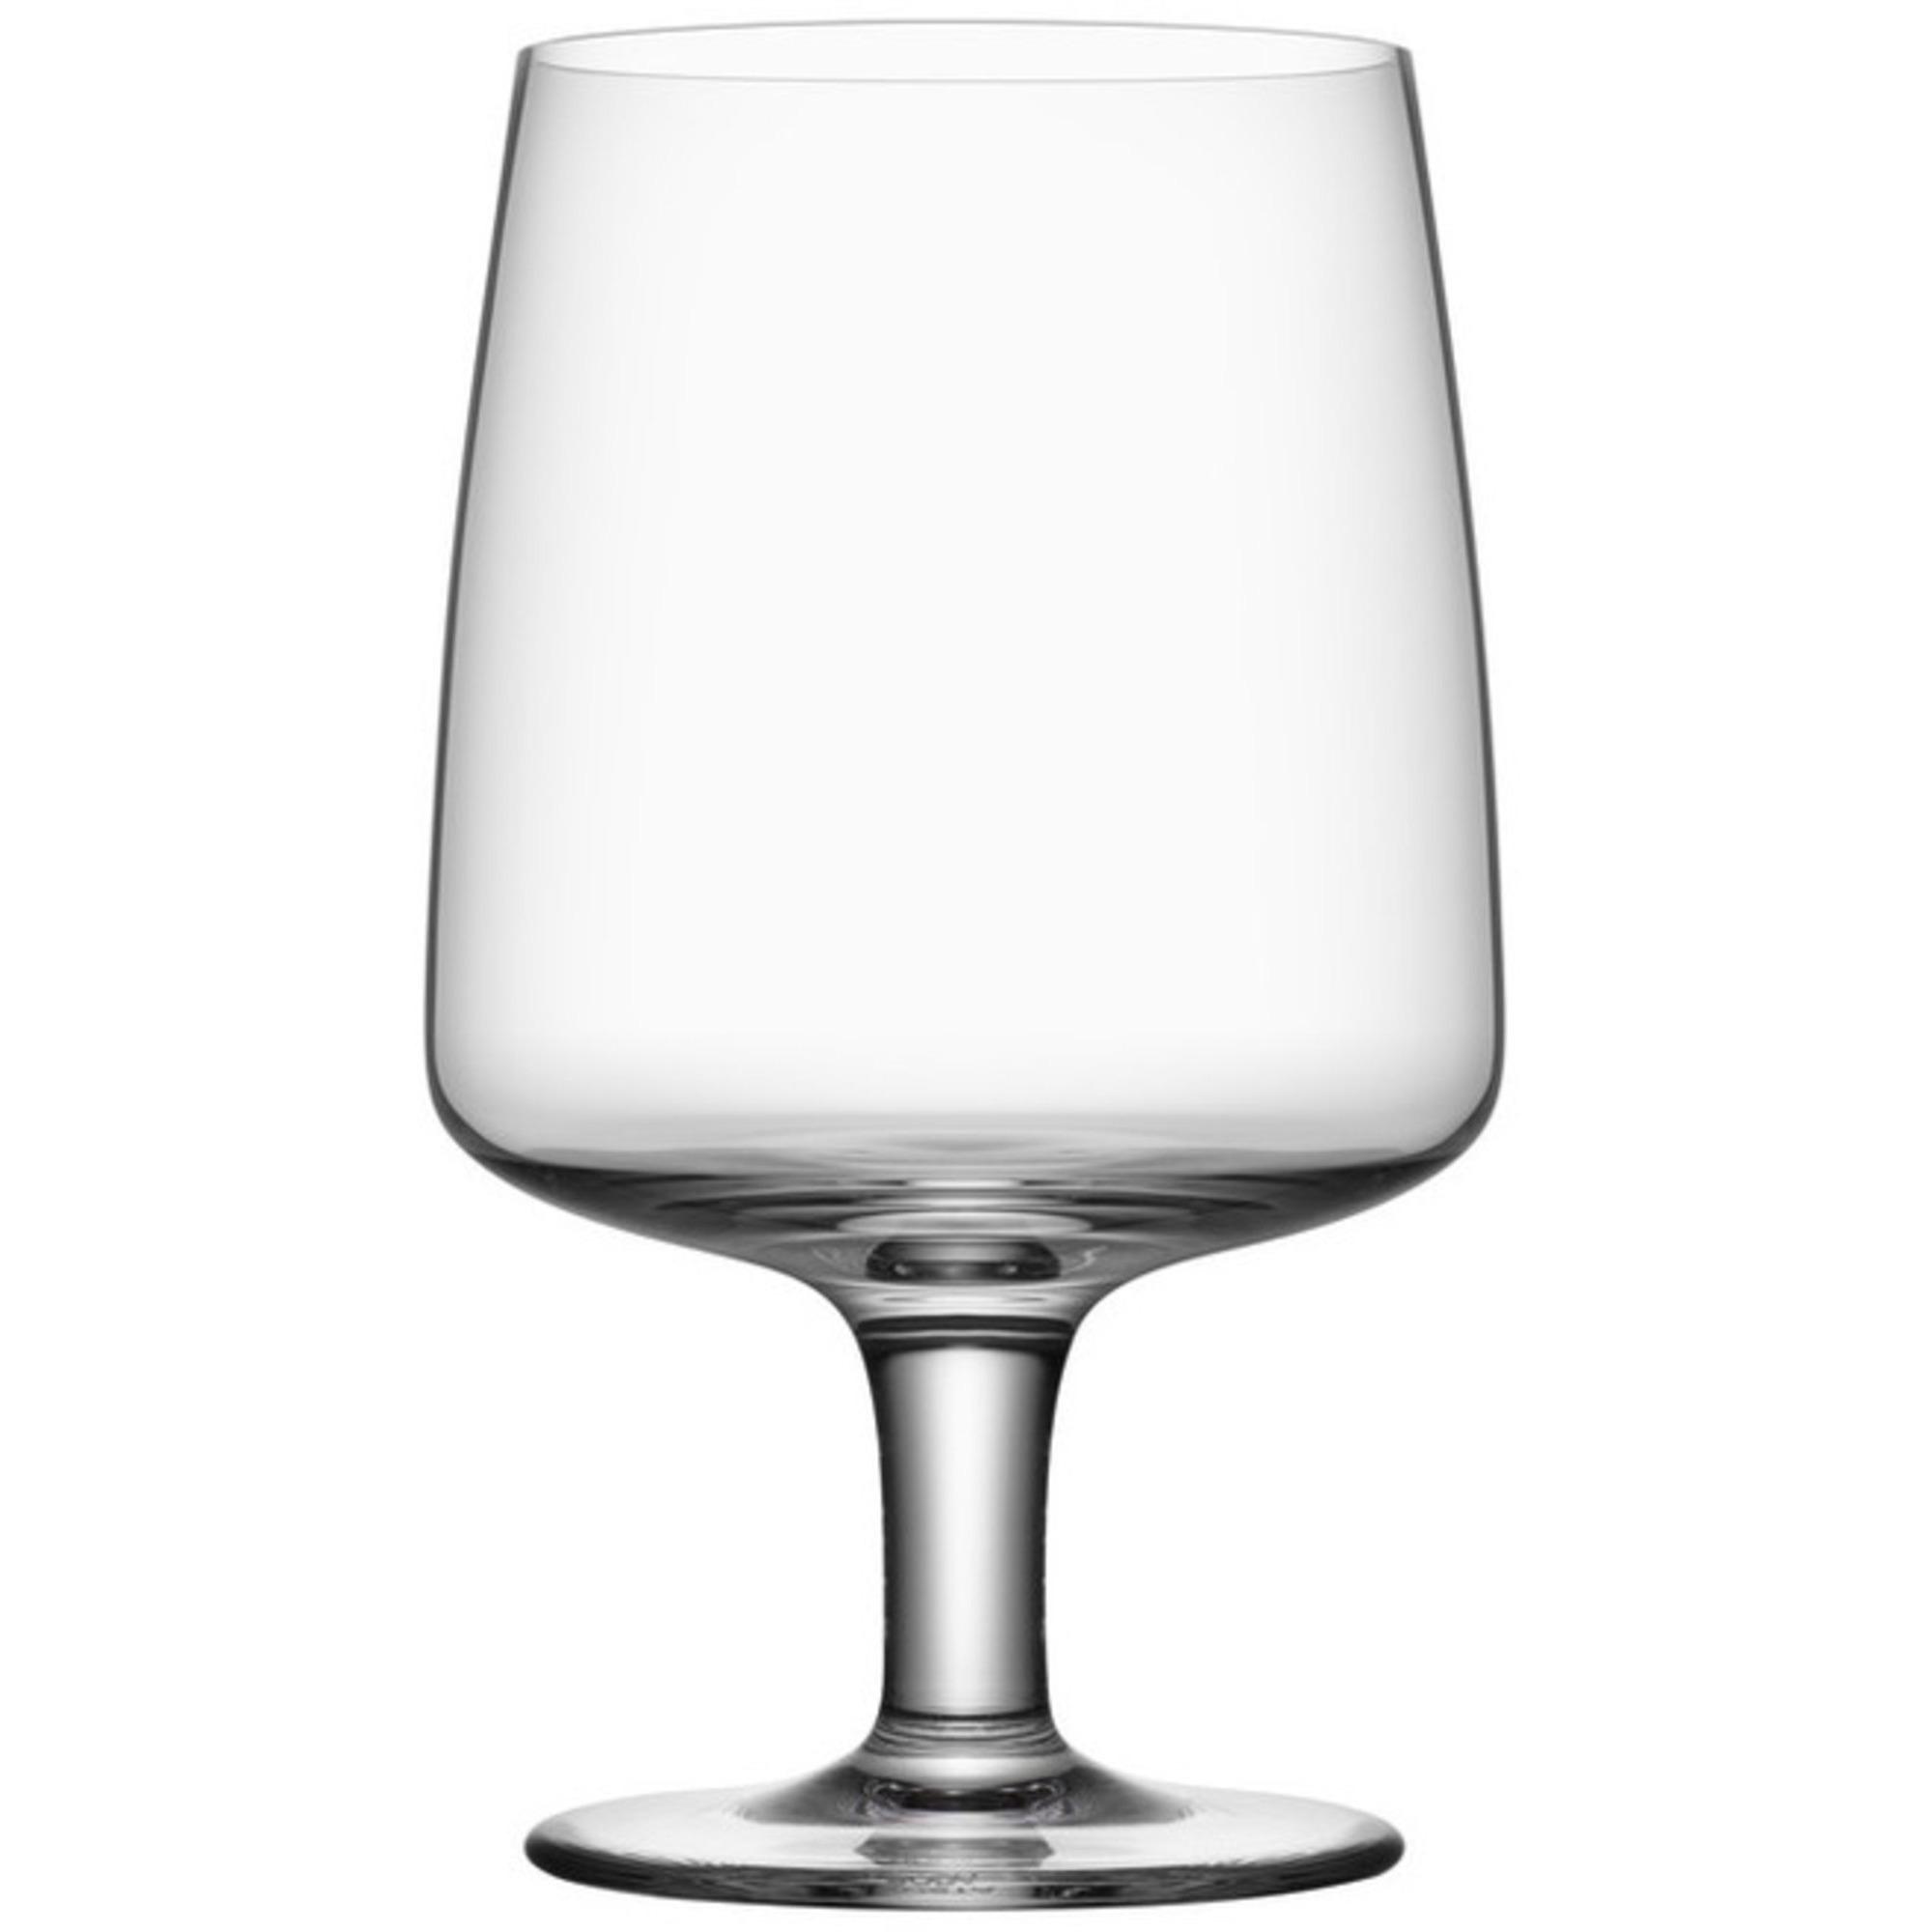 Kosta Boda Bruk Glas Large 4-pack 45cl